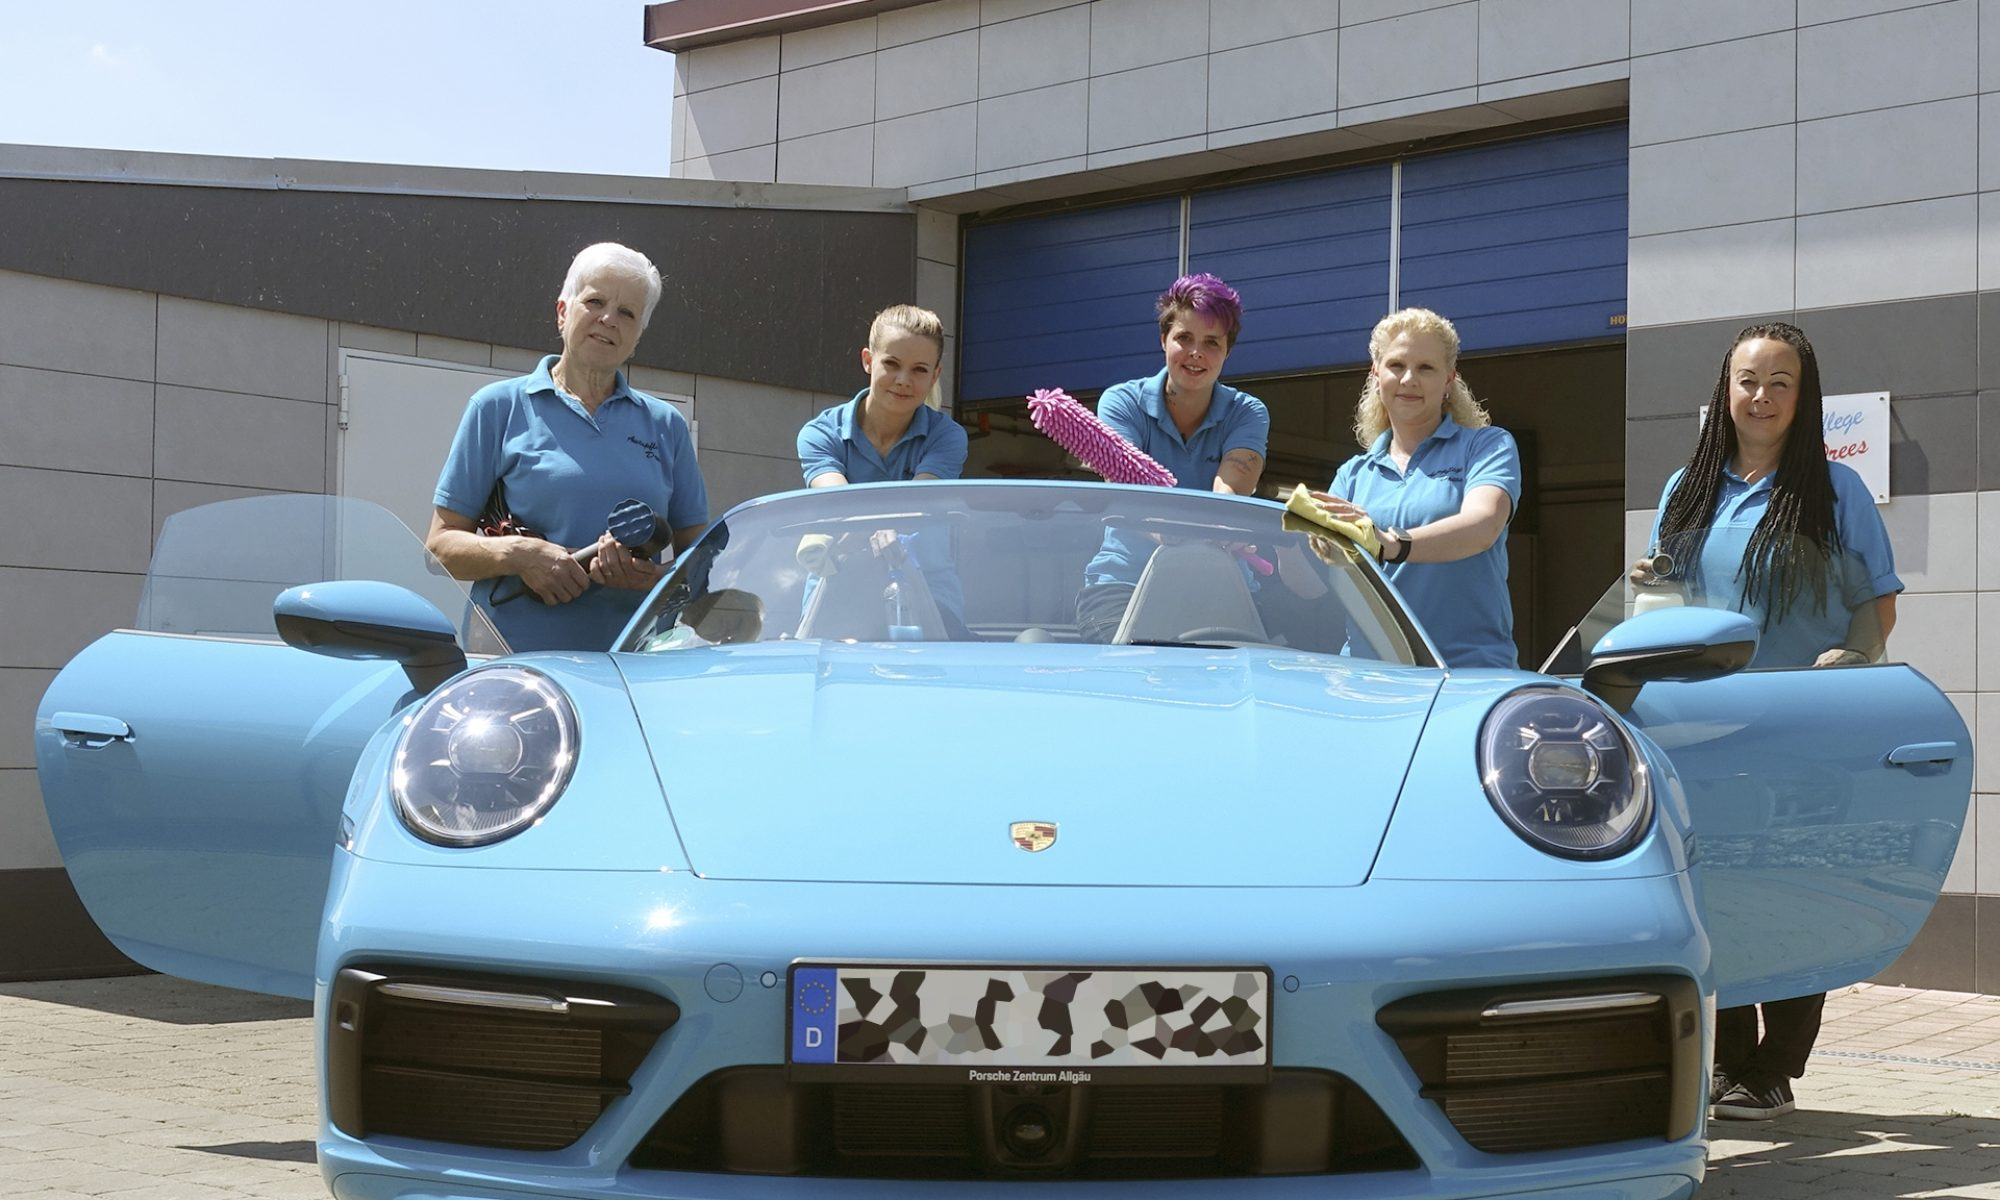 Autopflege Drees – Autoaufbereitung in Kempten